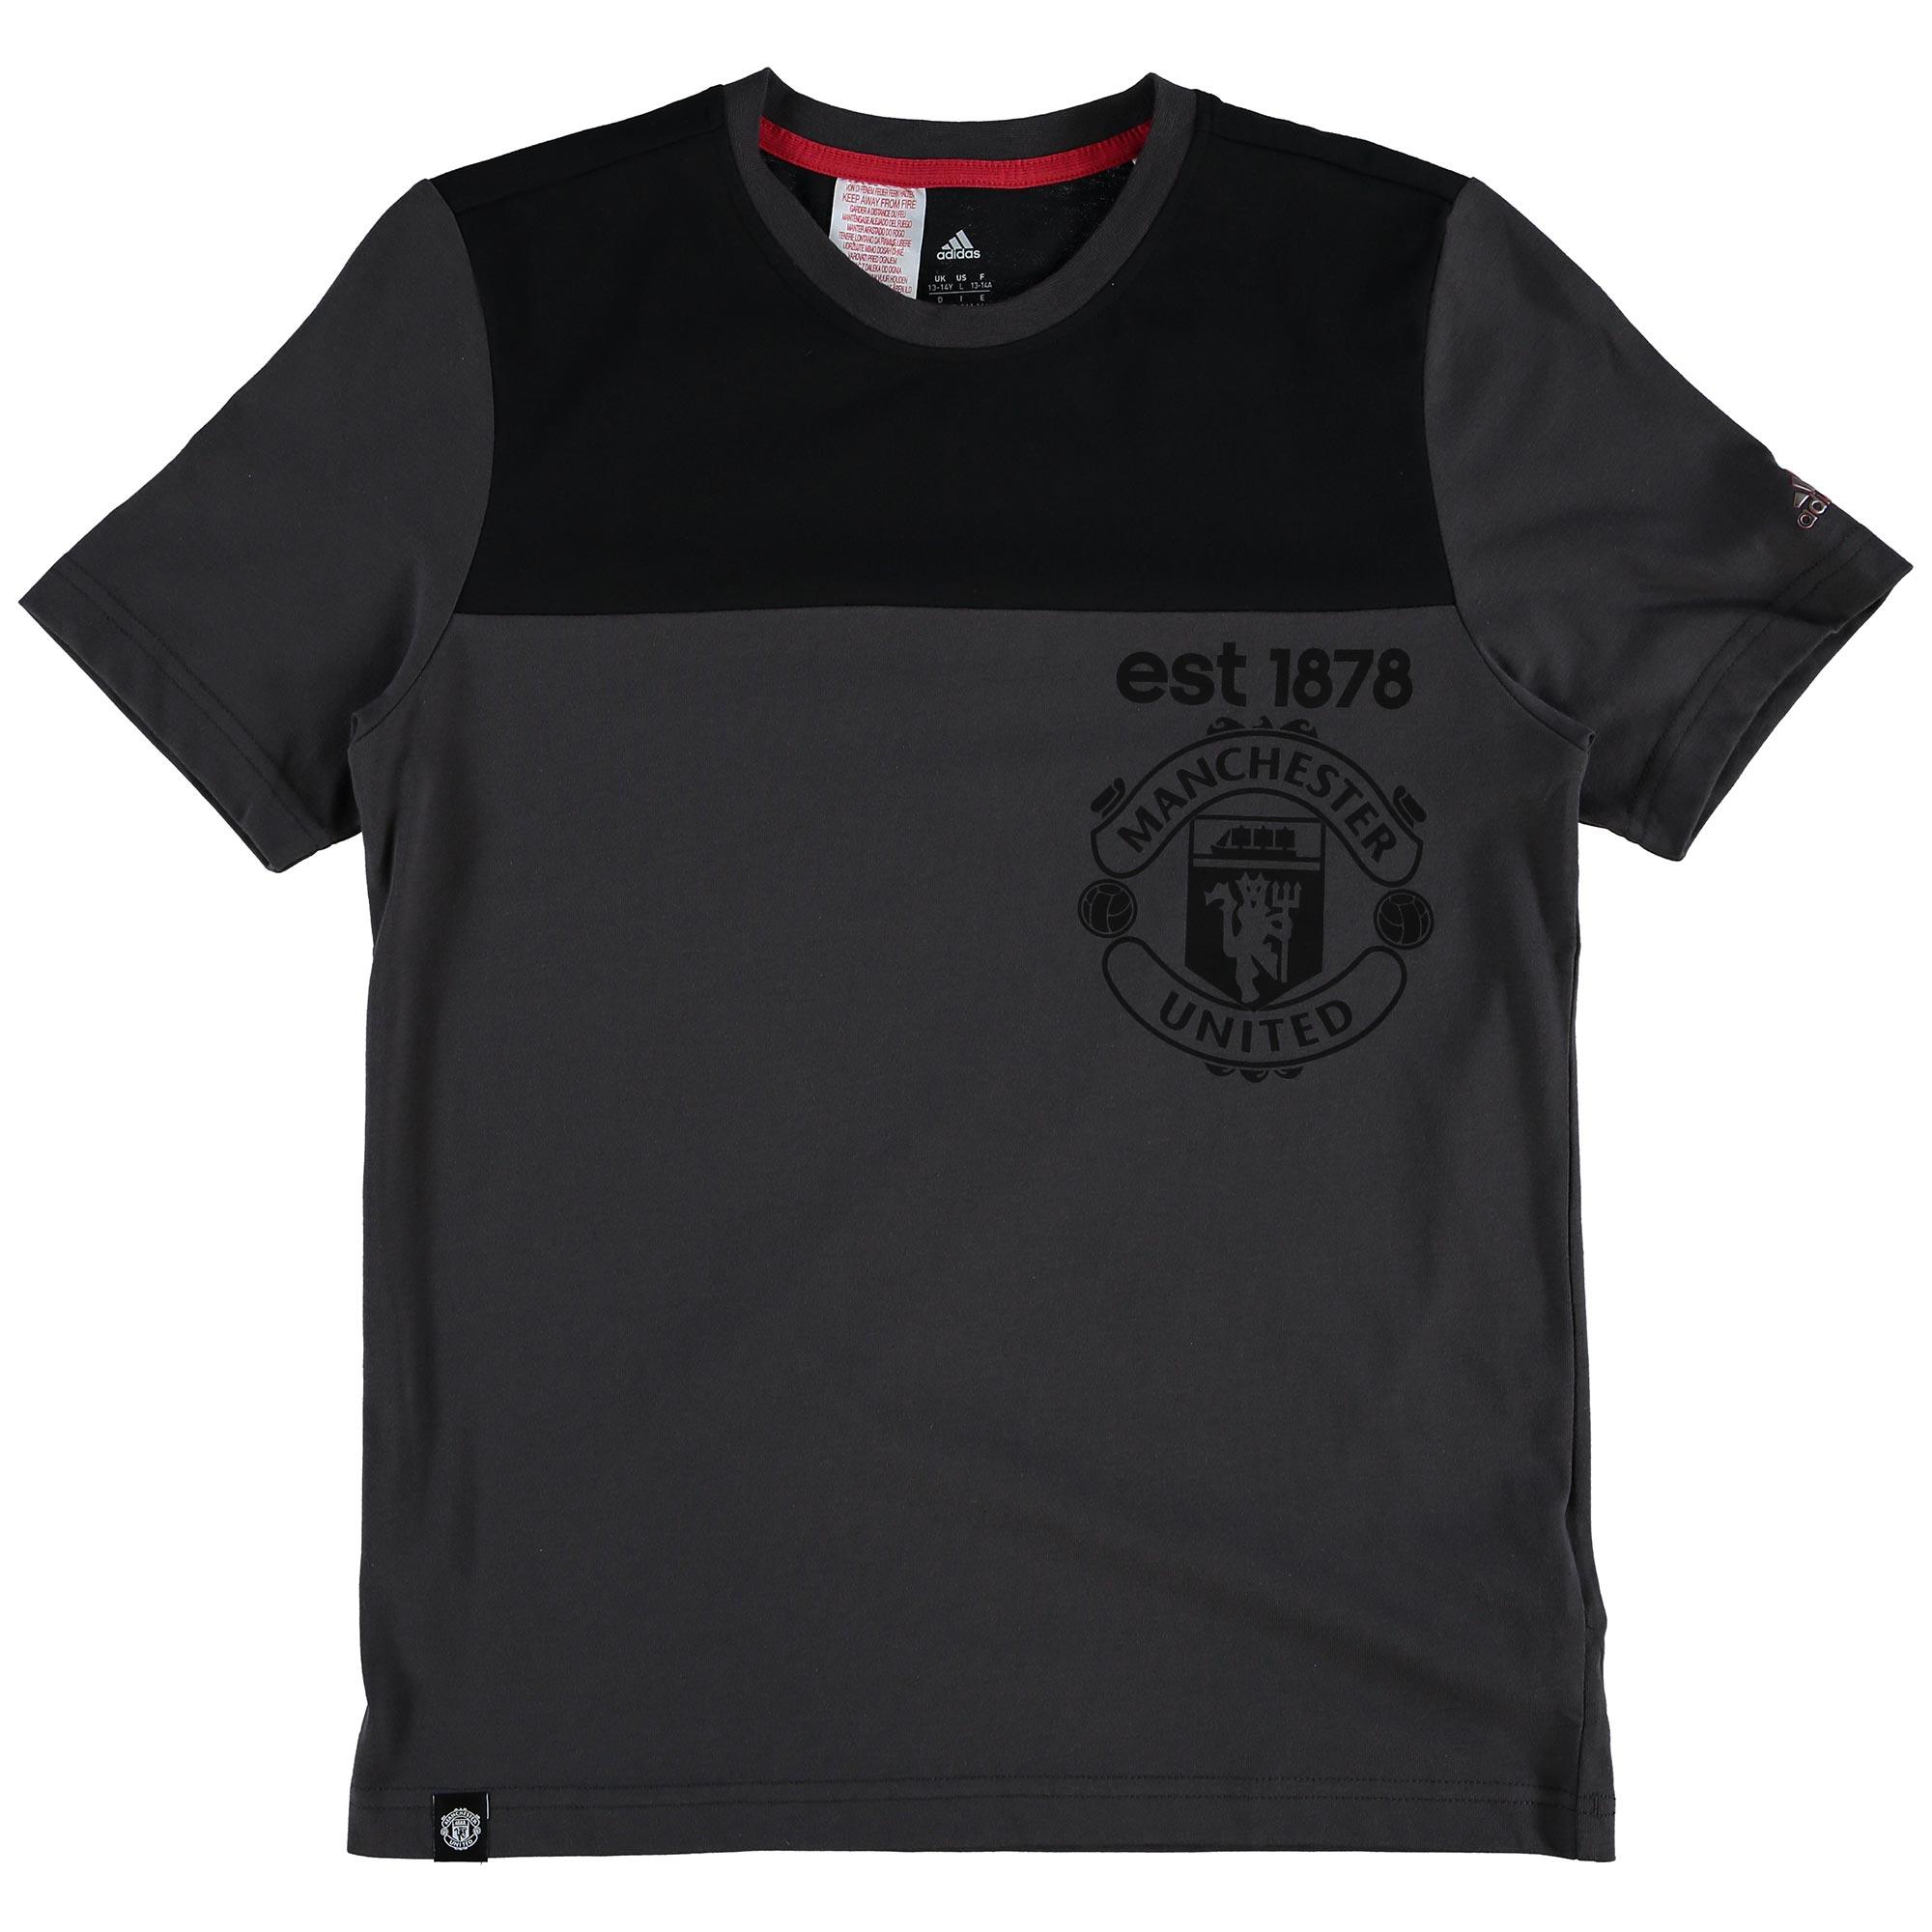 Tee-shirt écusson Manchester United - Noir - Enfant